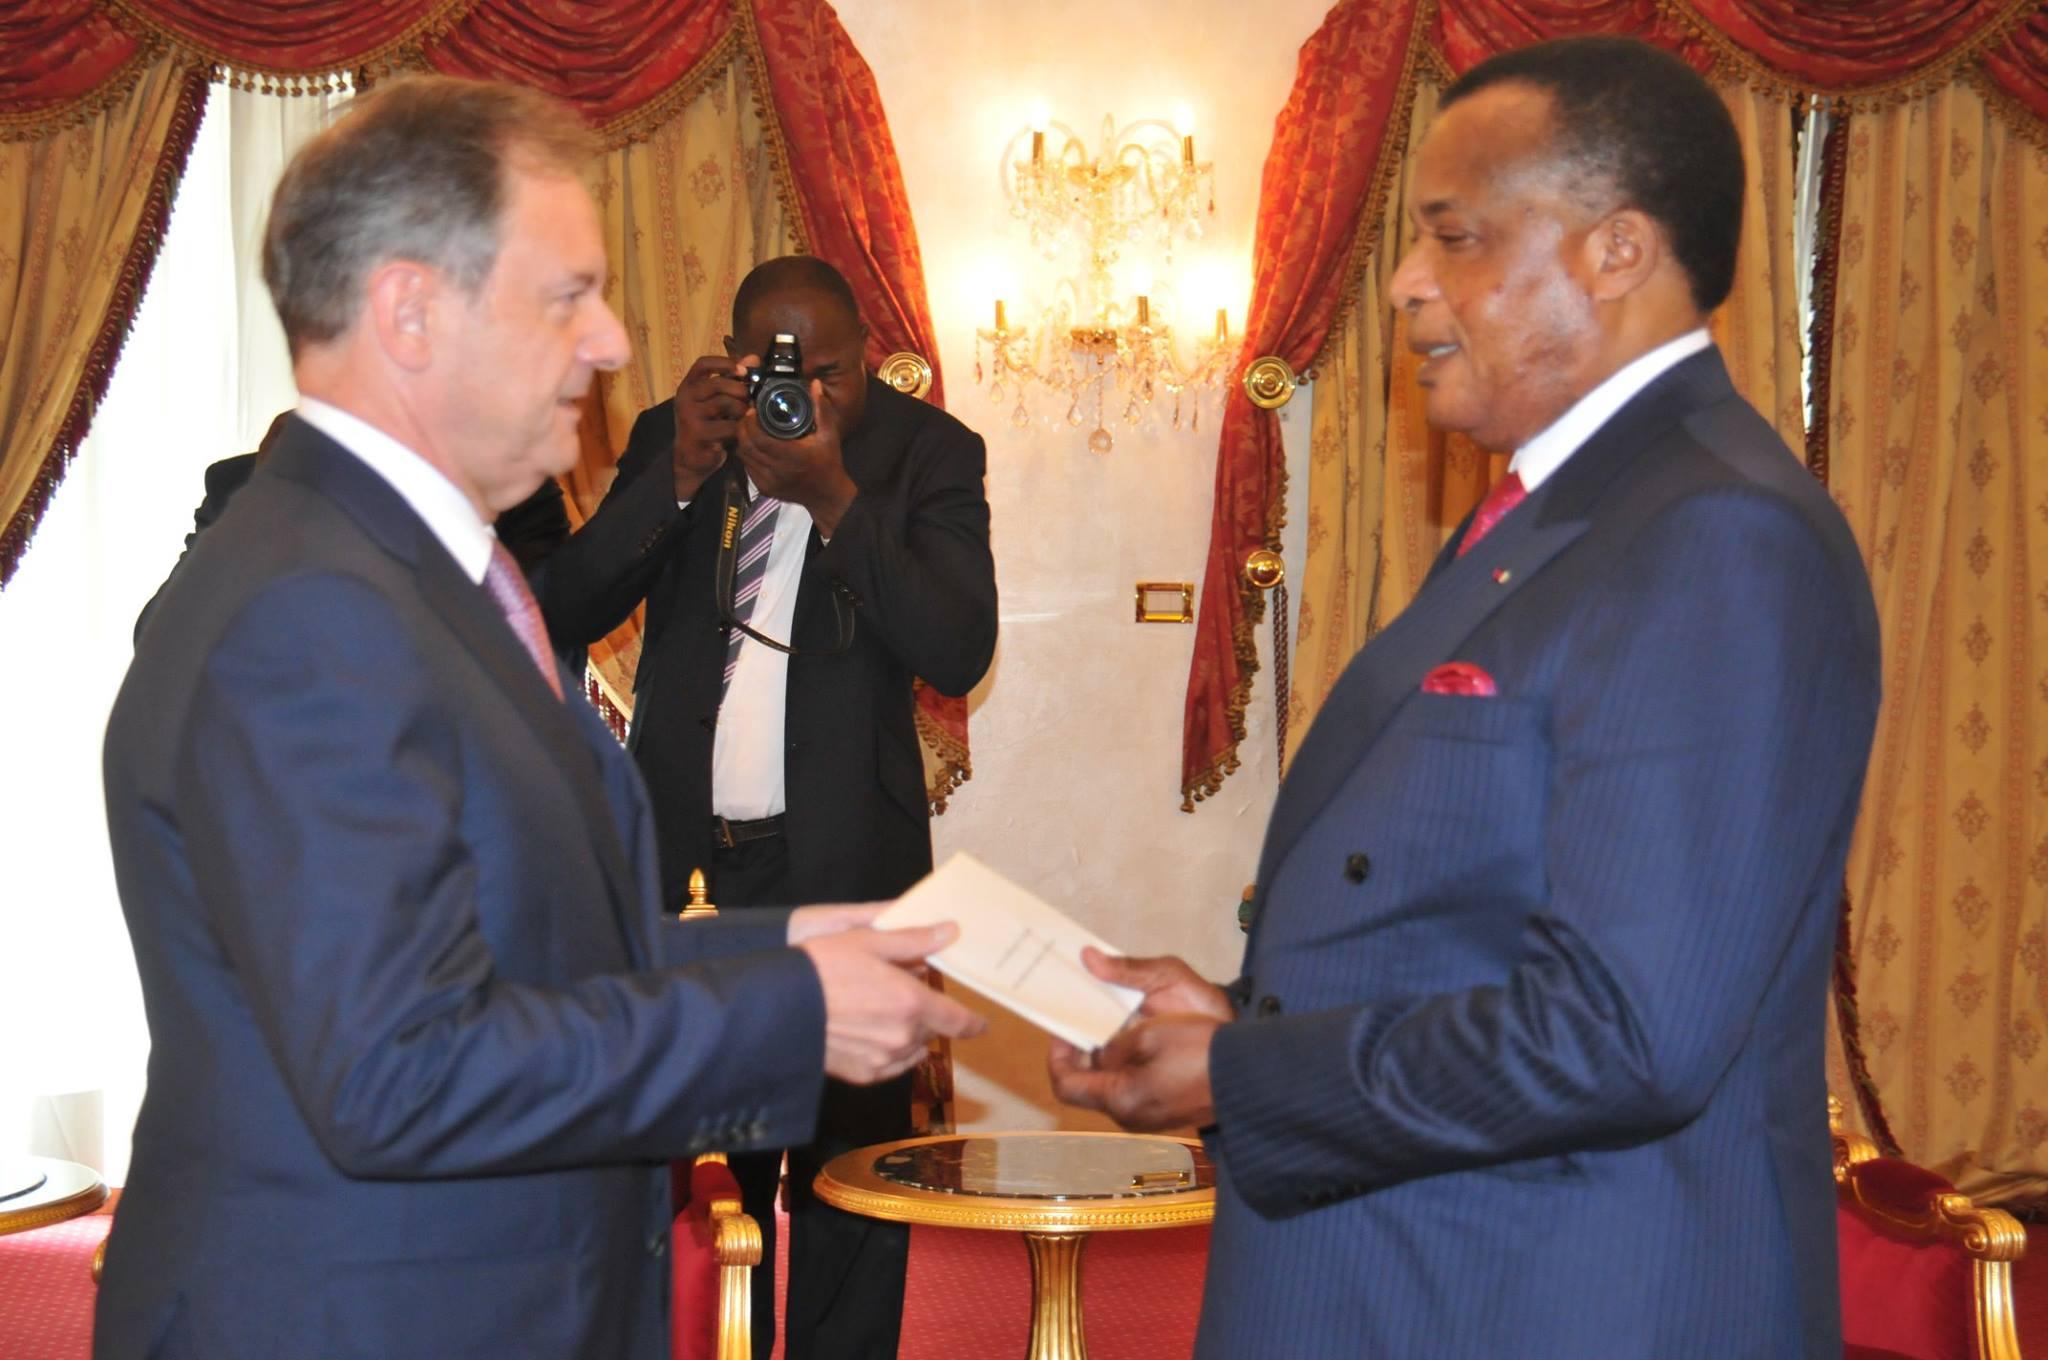 Bertrand Cochery, l'Ambassadeur de France au Congo et le Président de la République du Congo, Denis Sassou Nguesso, le jeudi 4 août 2016 à Brazzaville